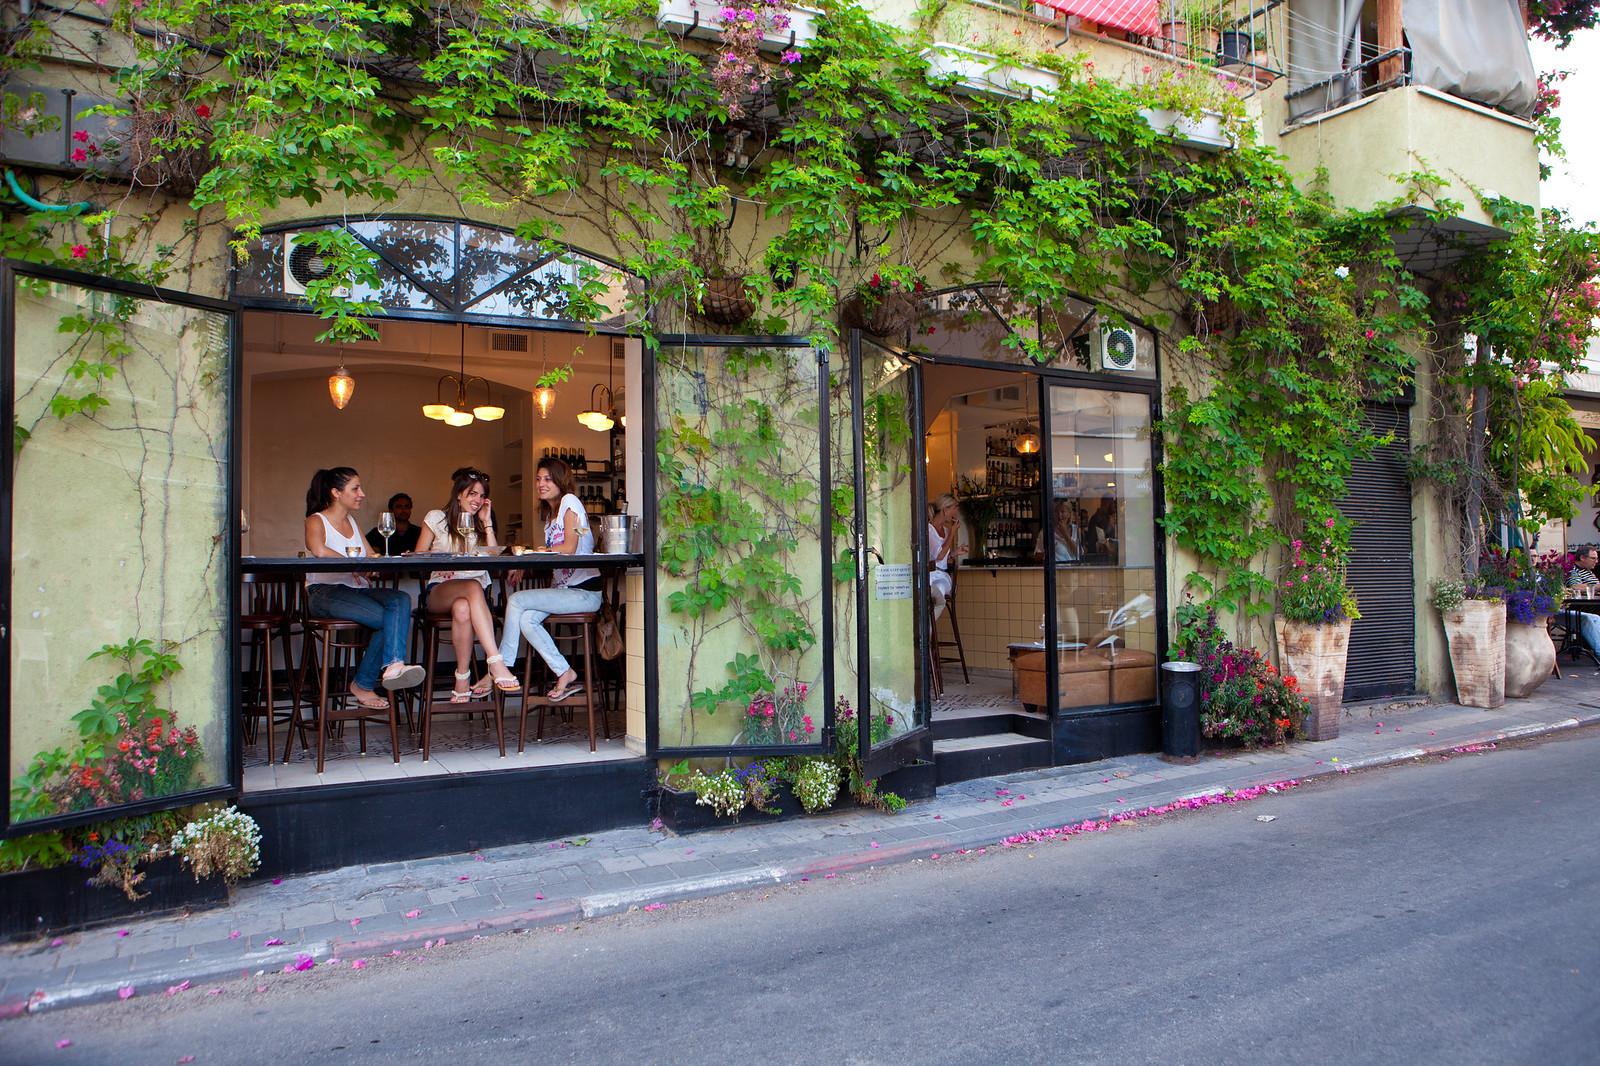 Tel Aviv_Neve Tzedek_ 2_Dana Friedlander_IMOT